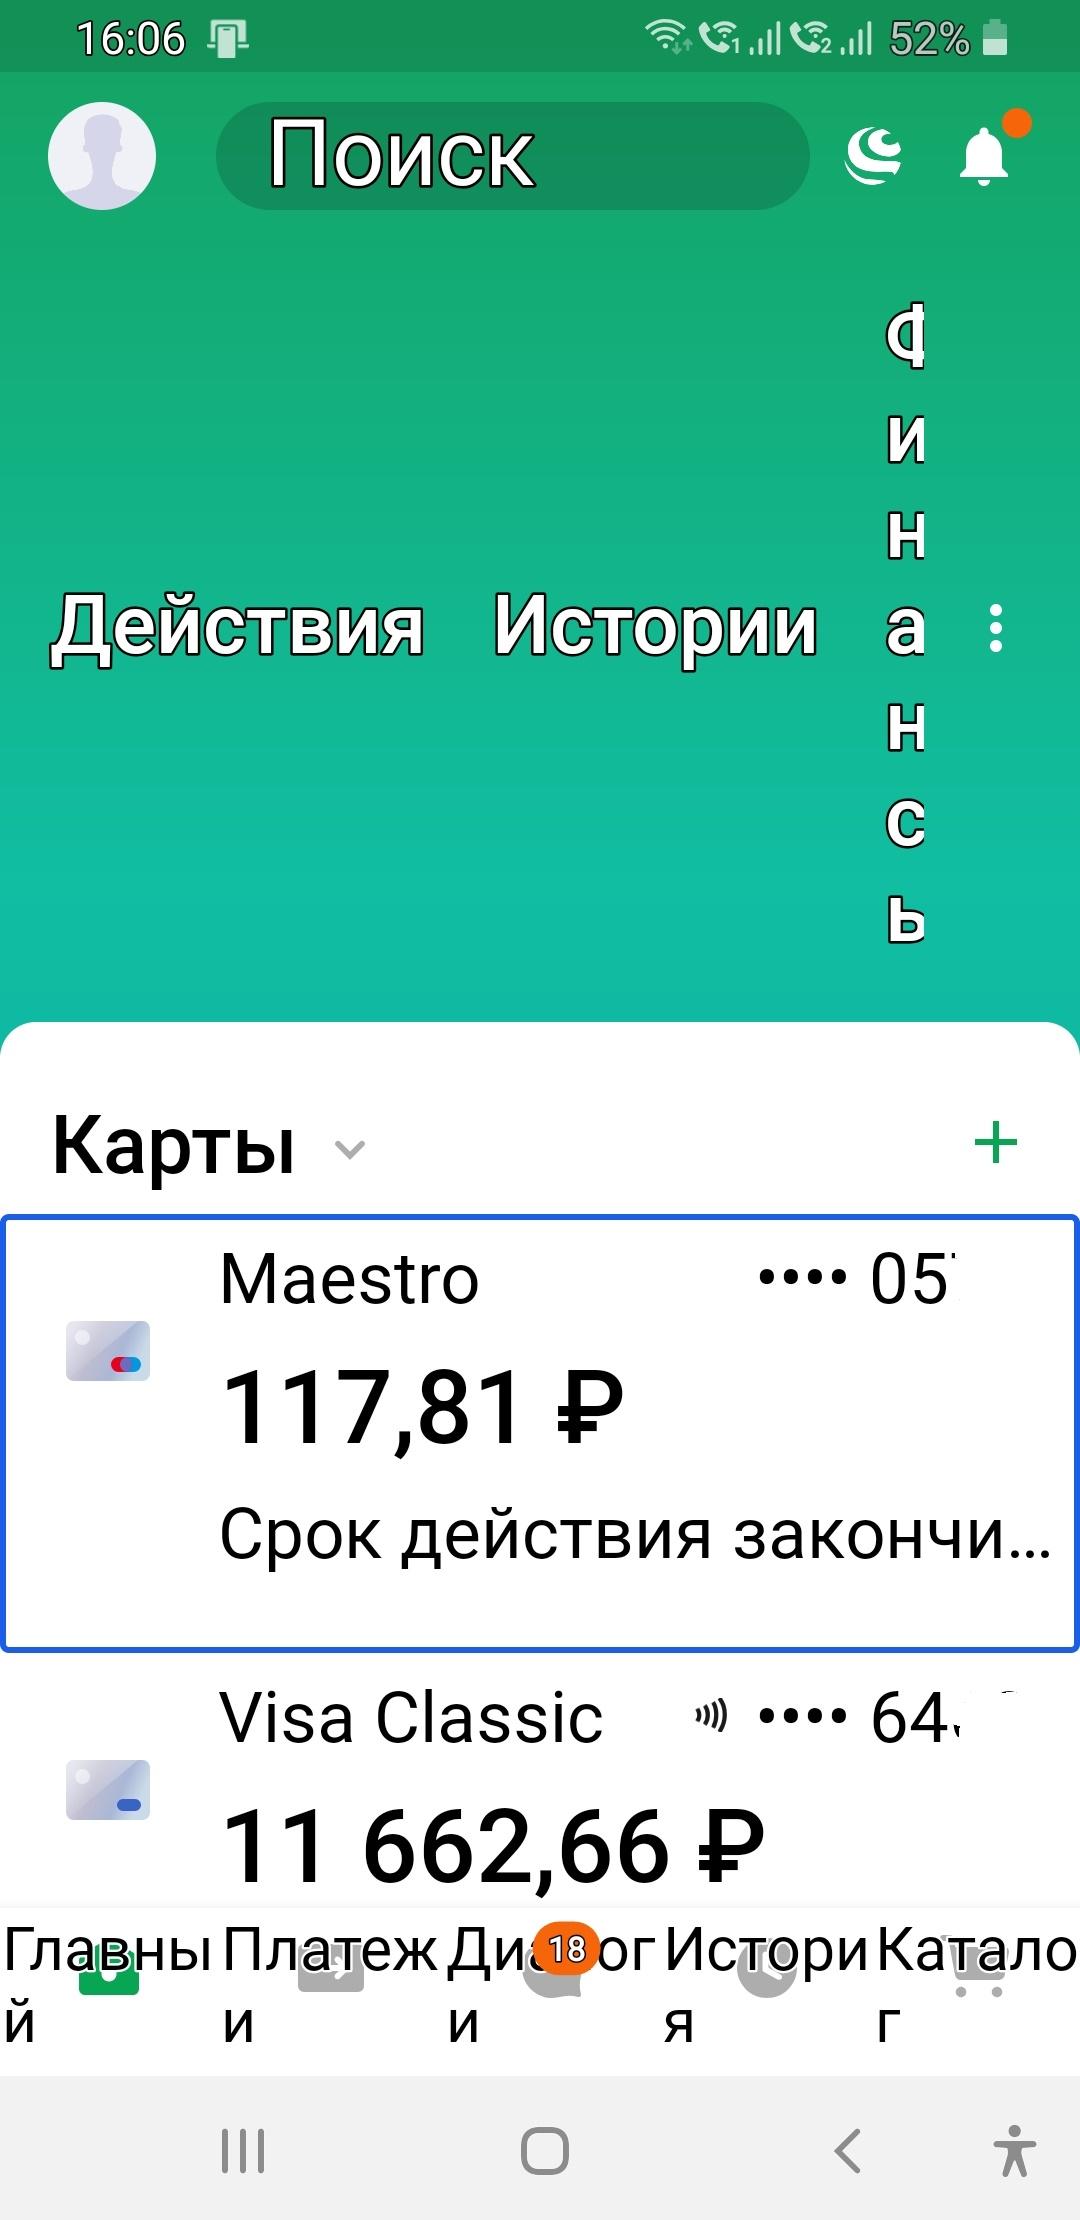 сбер_02_главный экран